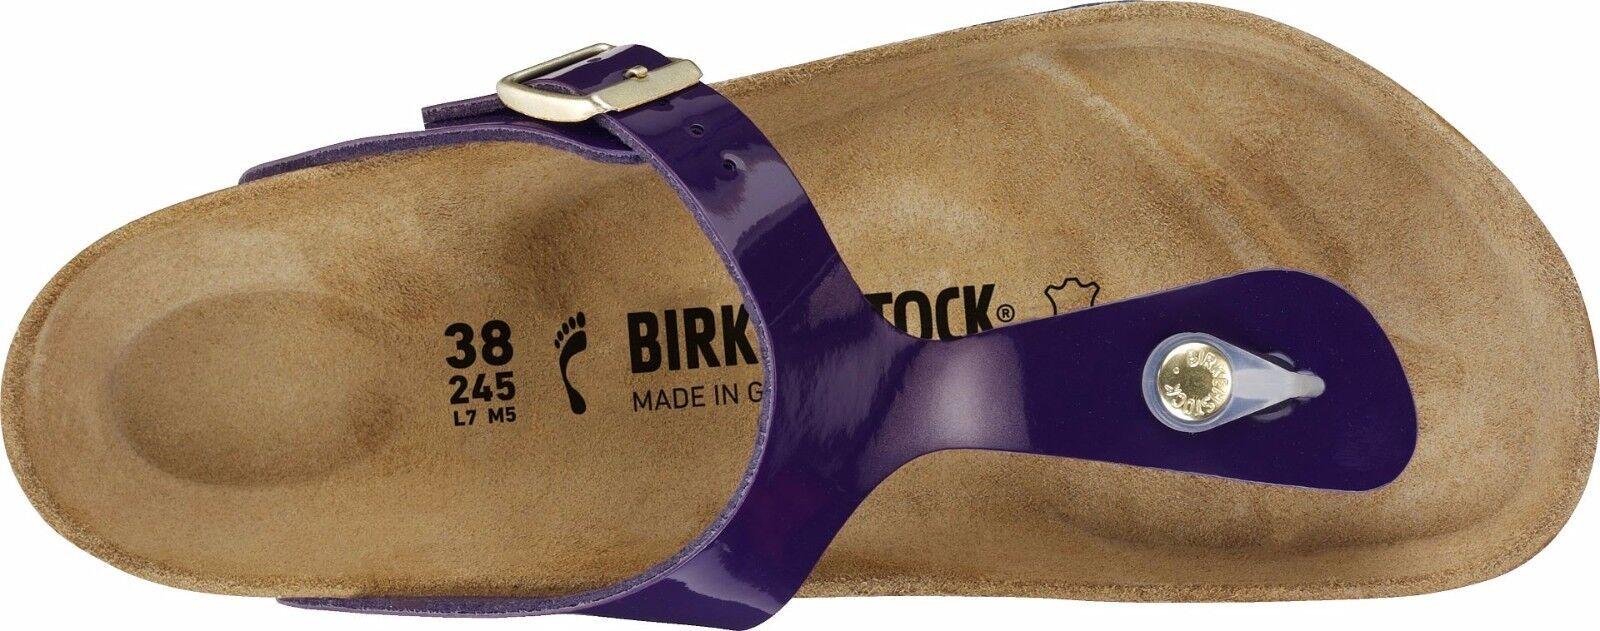 Birkenstock Größe Gizeh Violet Patent Birko-Flor Größe Birkenstock 35-43 normales Fußbett be2ce1